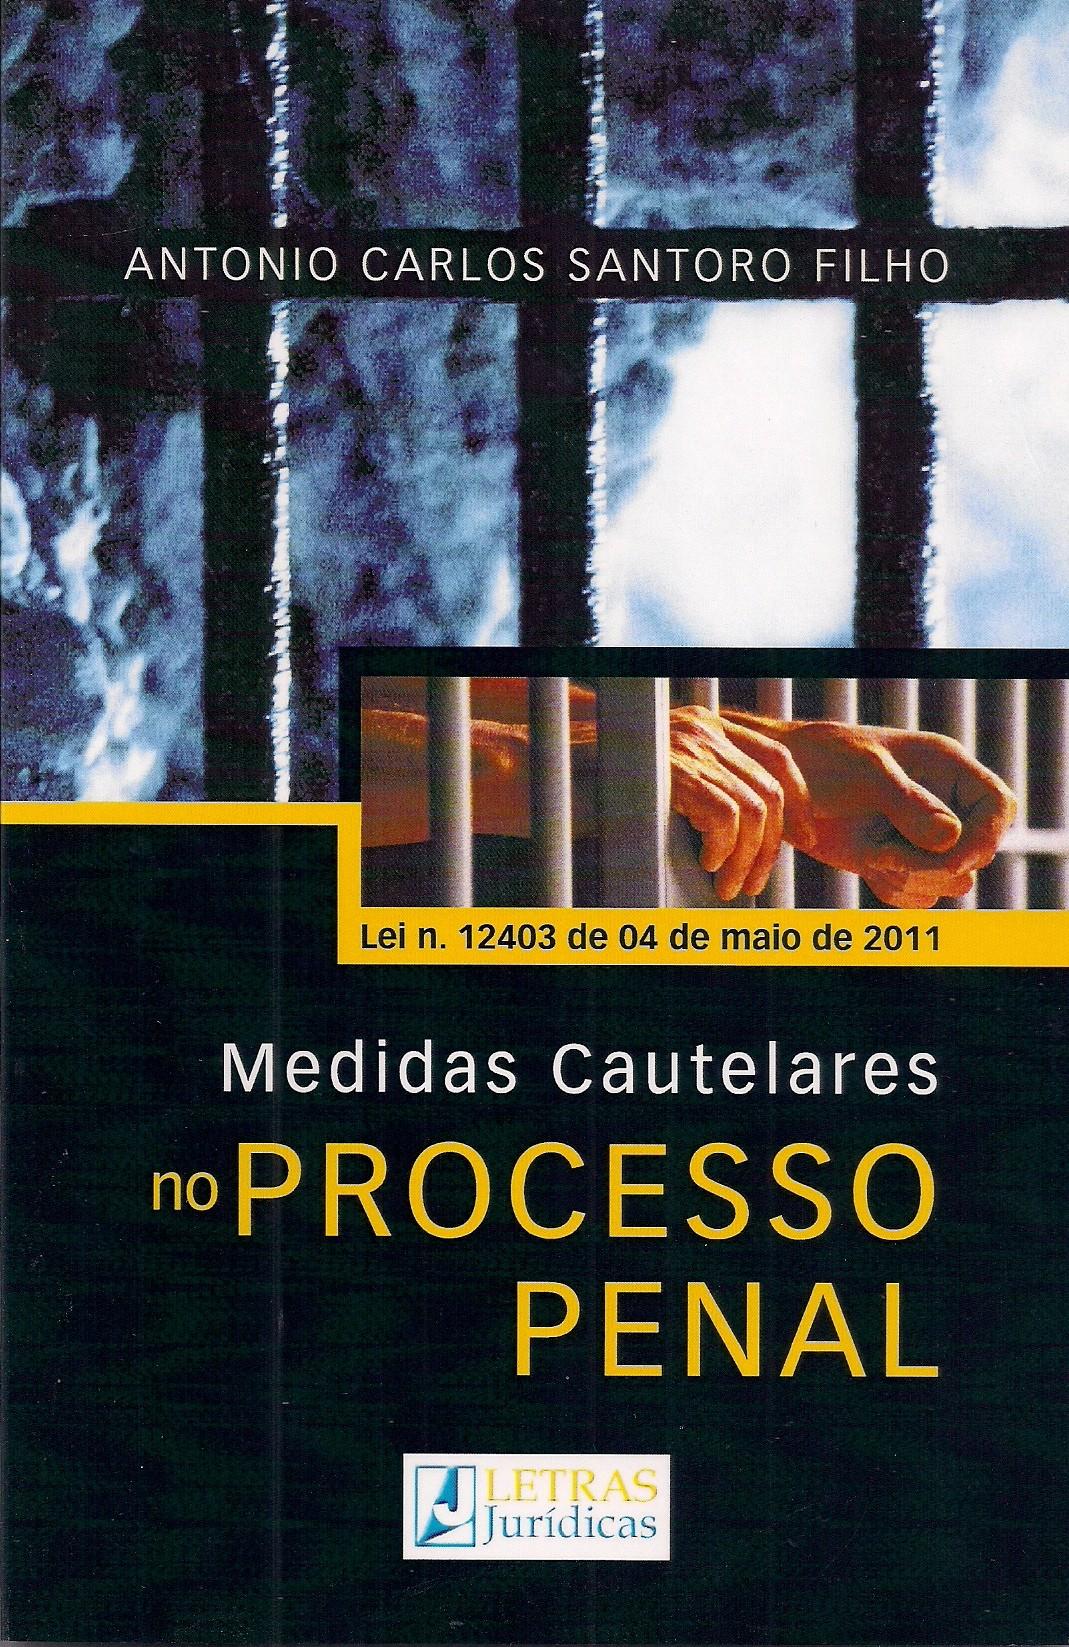 Foto 1 - Medidas Cautelares no Processo Penal - Lei 12.403 de 04 de Maio de 2011